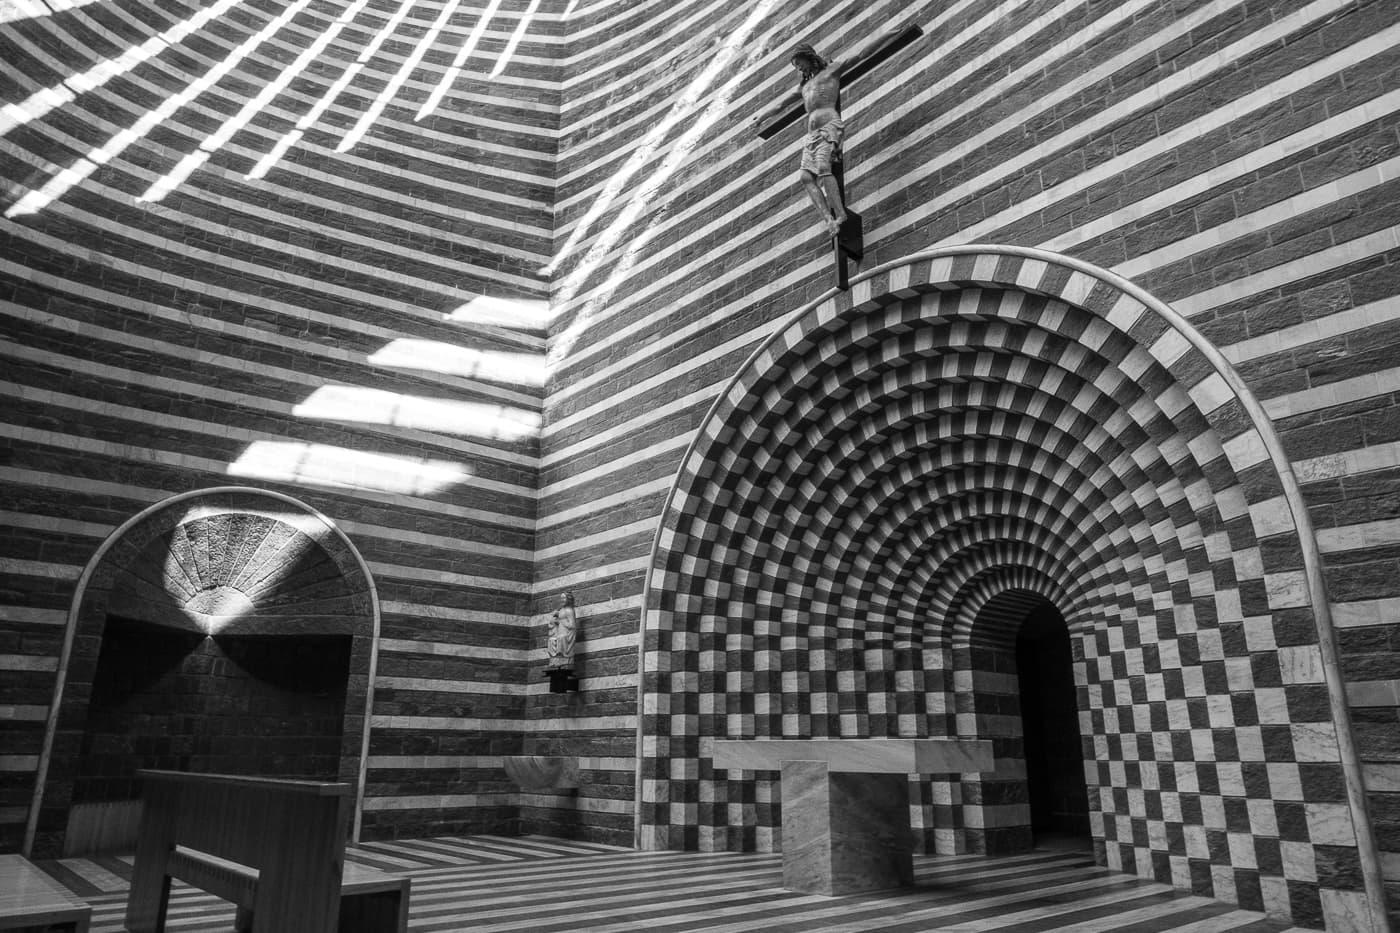 Innen der Kirche von Mario Botta in Mogno